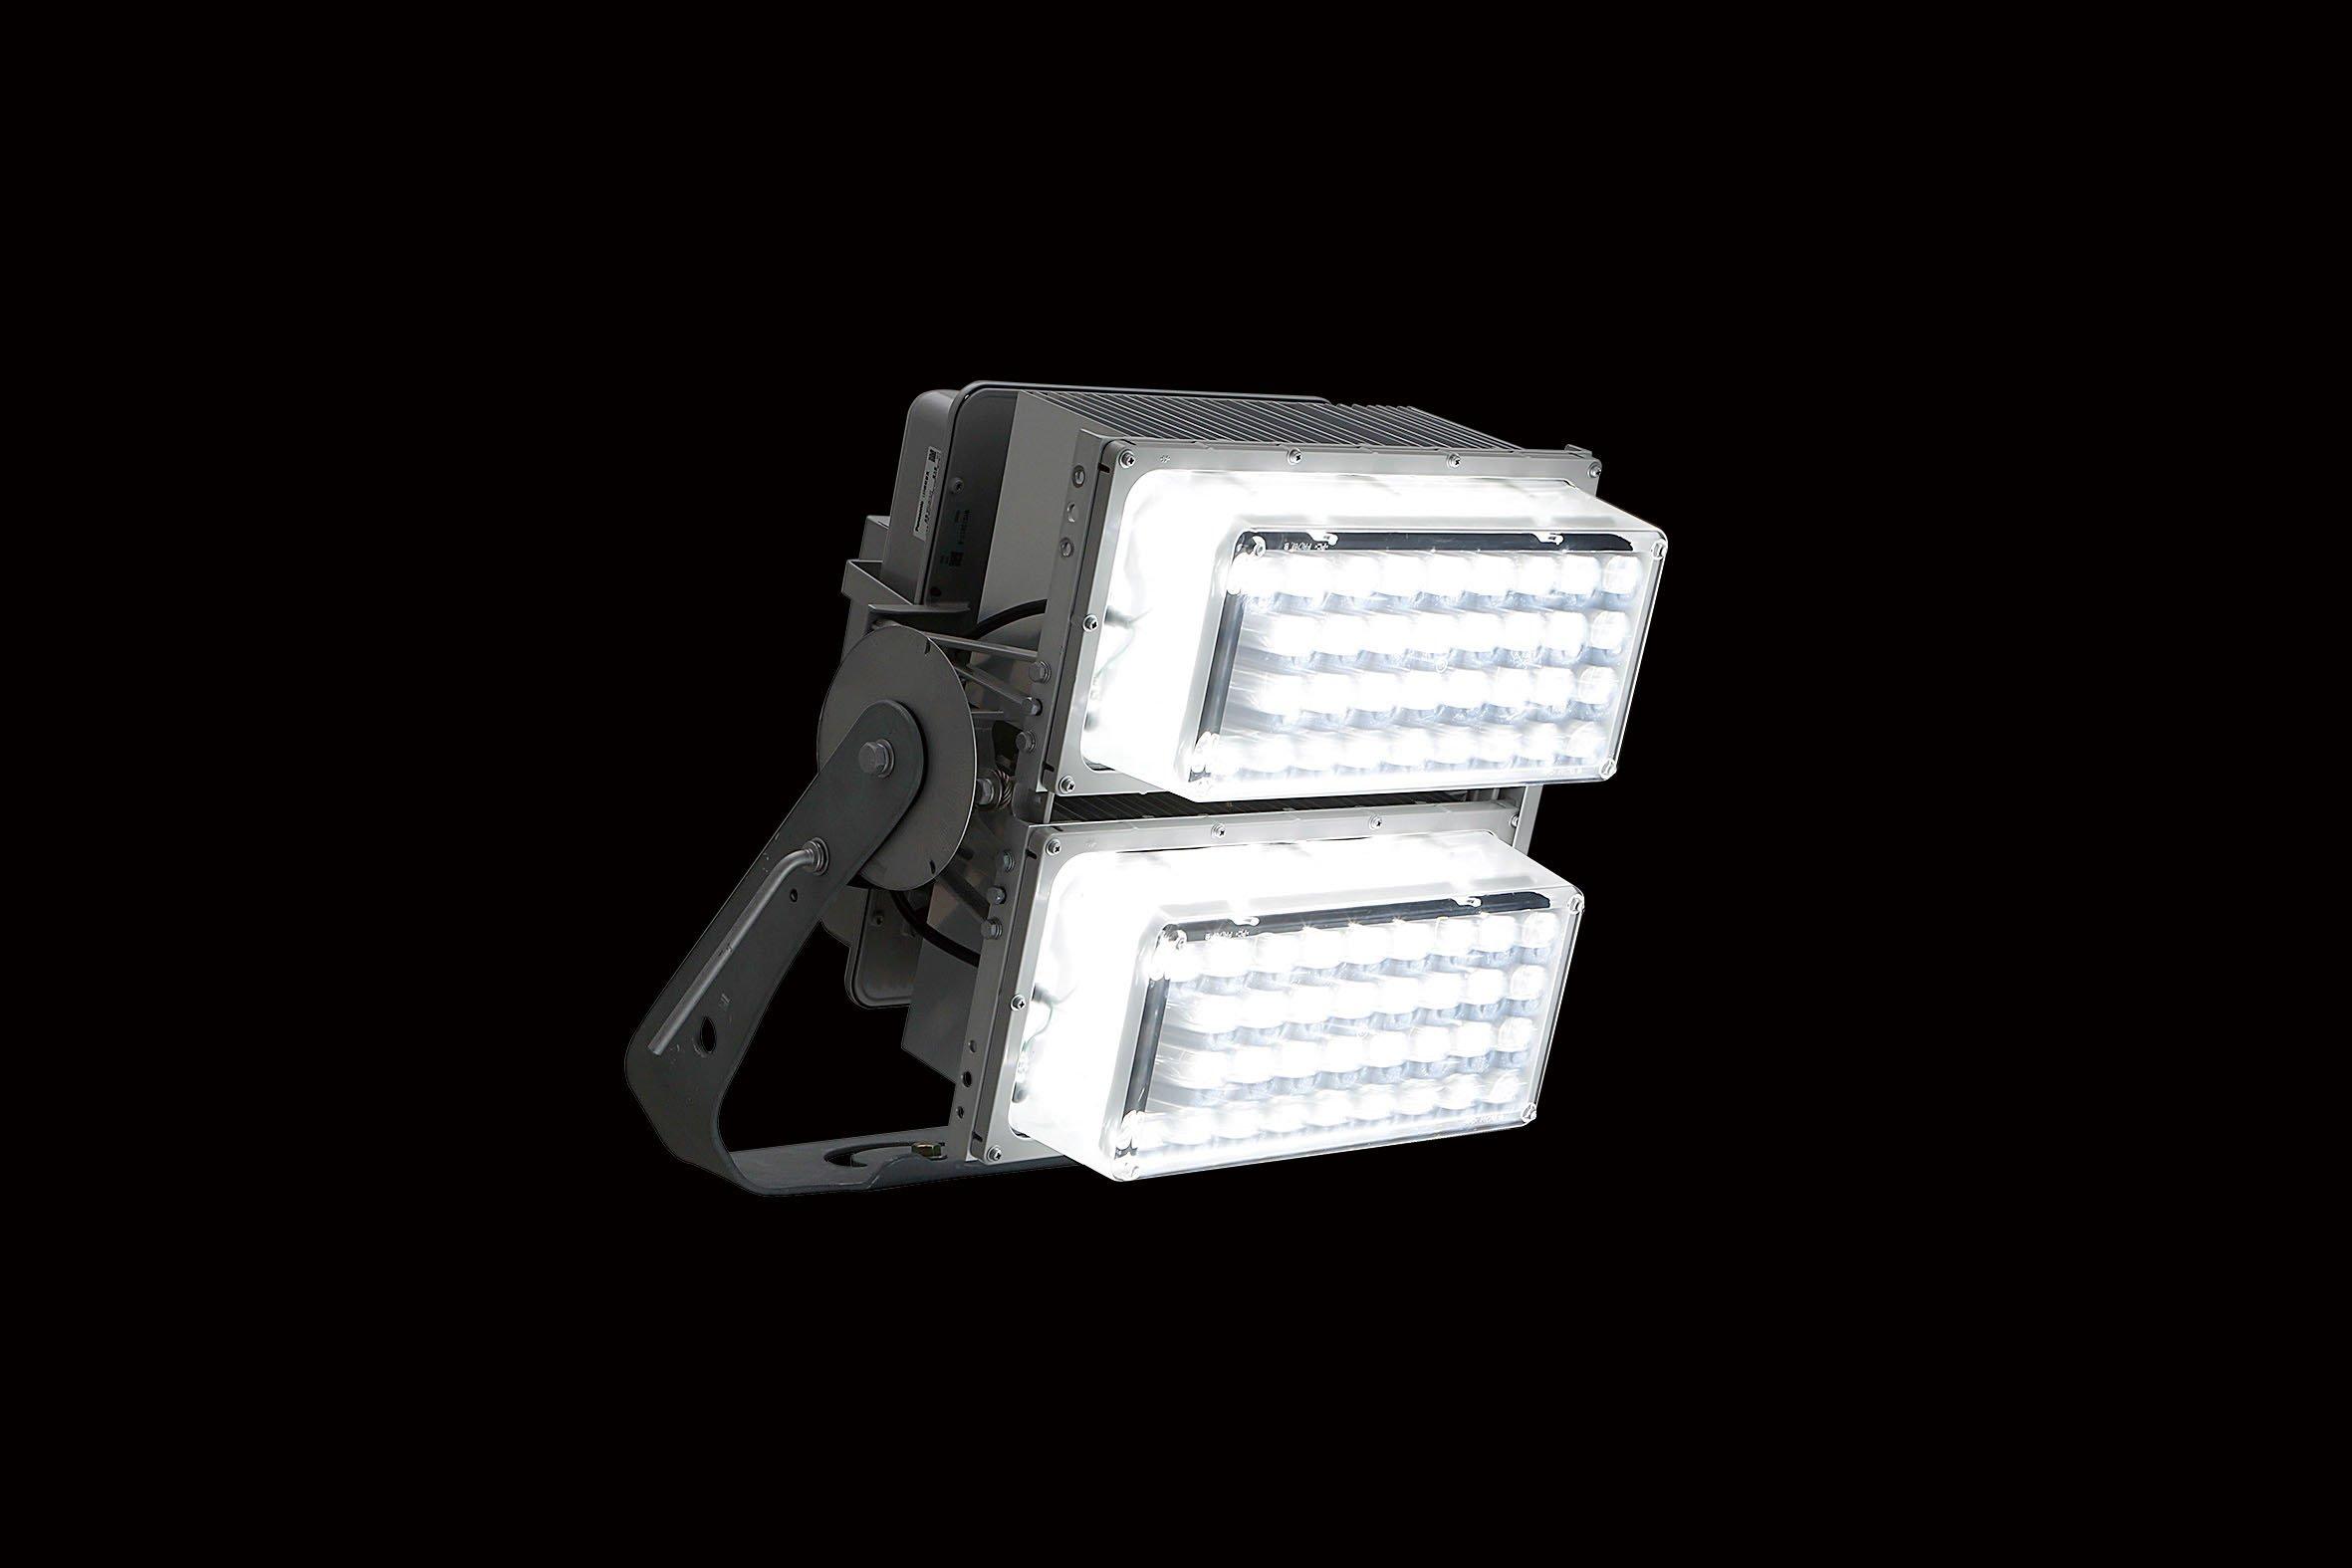 光害対策を施したLED投光器「アウルビーム」